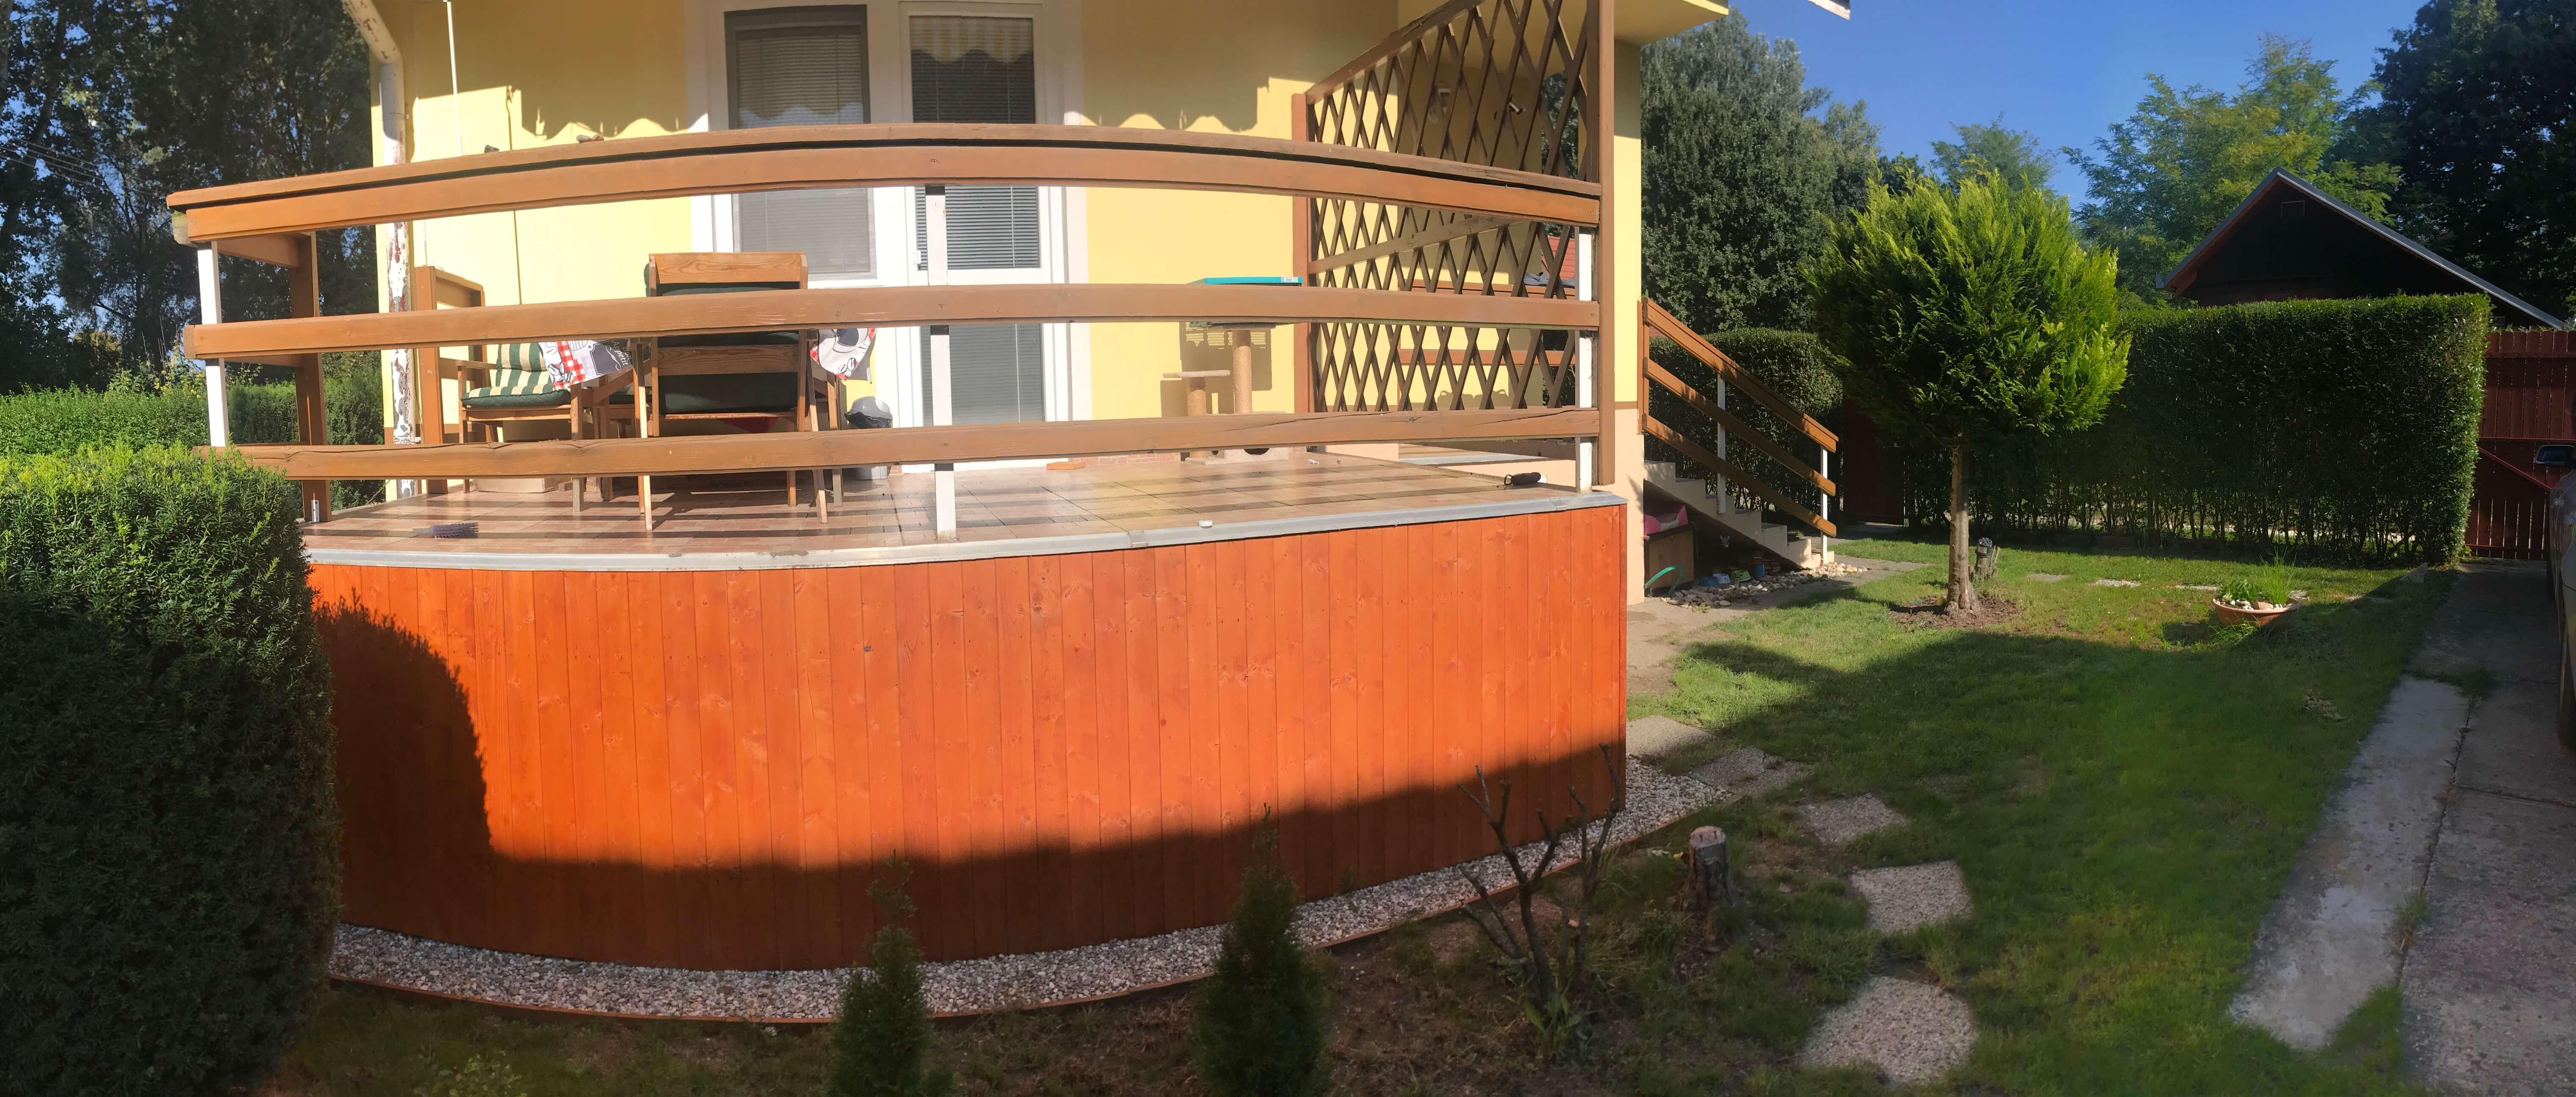 Predané: Exkluzívne 3 izbová chata o výmere 70m2 s 300m2 pozemkom, 2 podložná, v Gabčíkove pri hrádzi, kompe-4